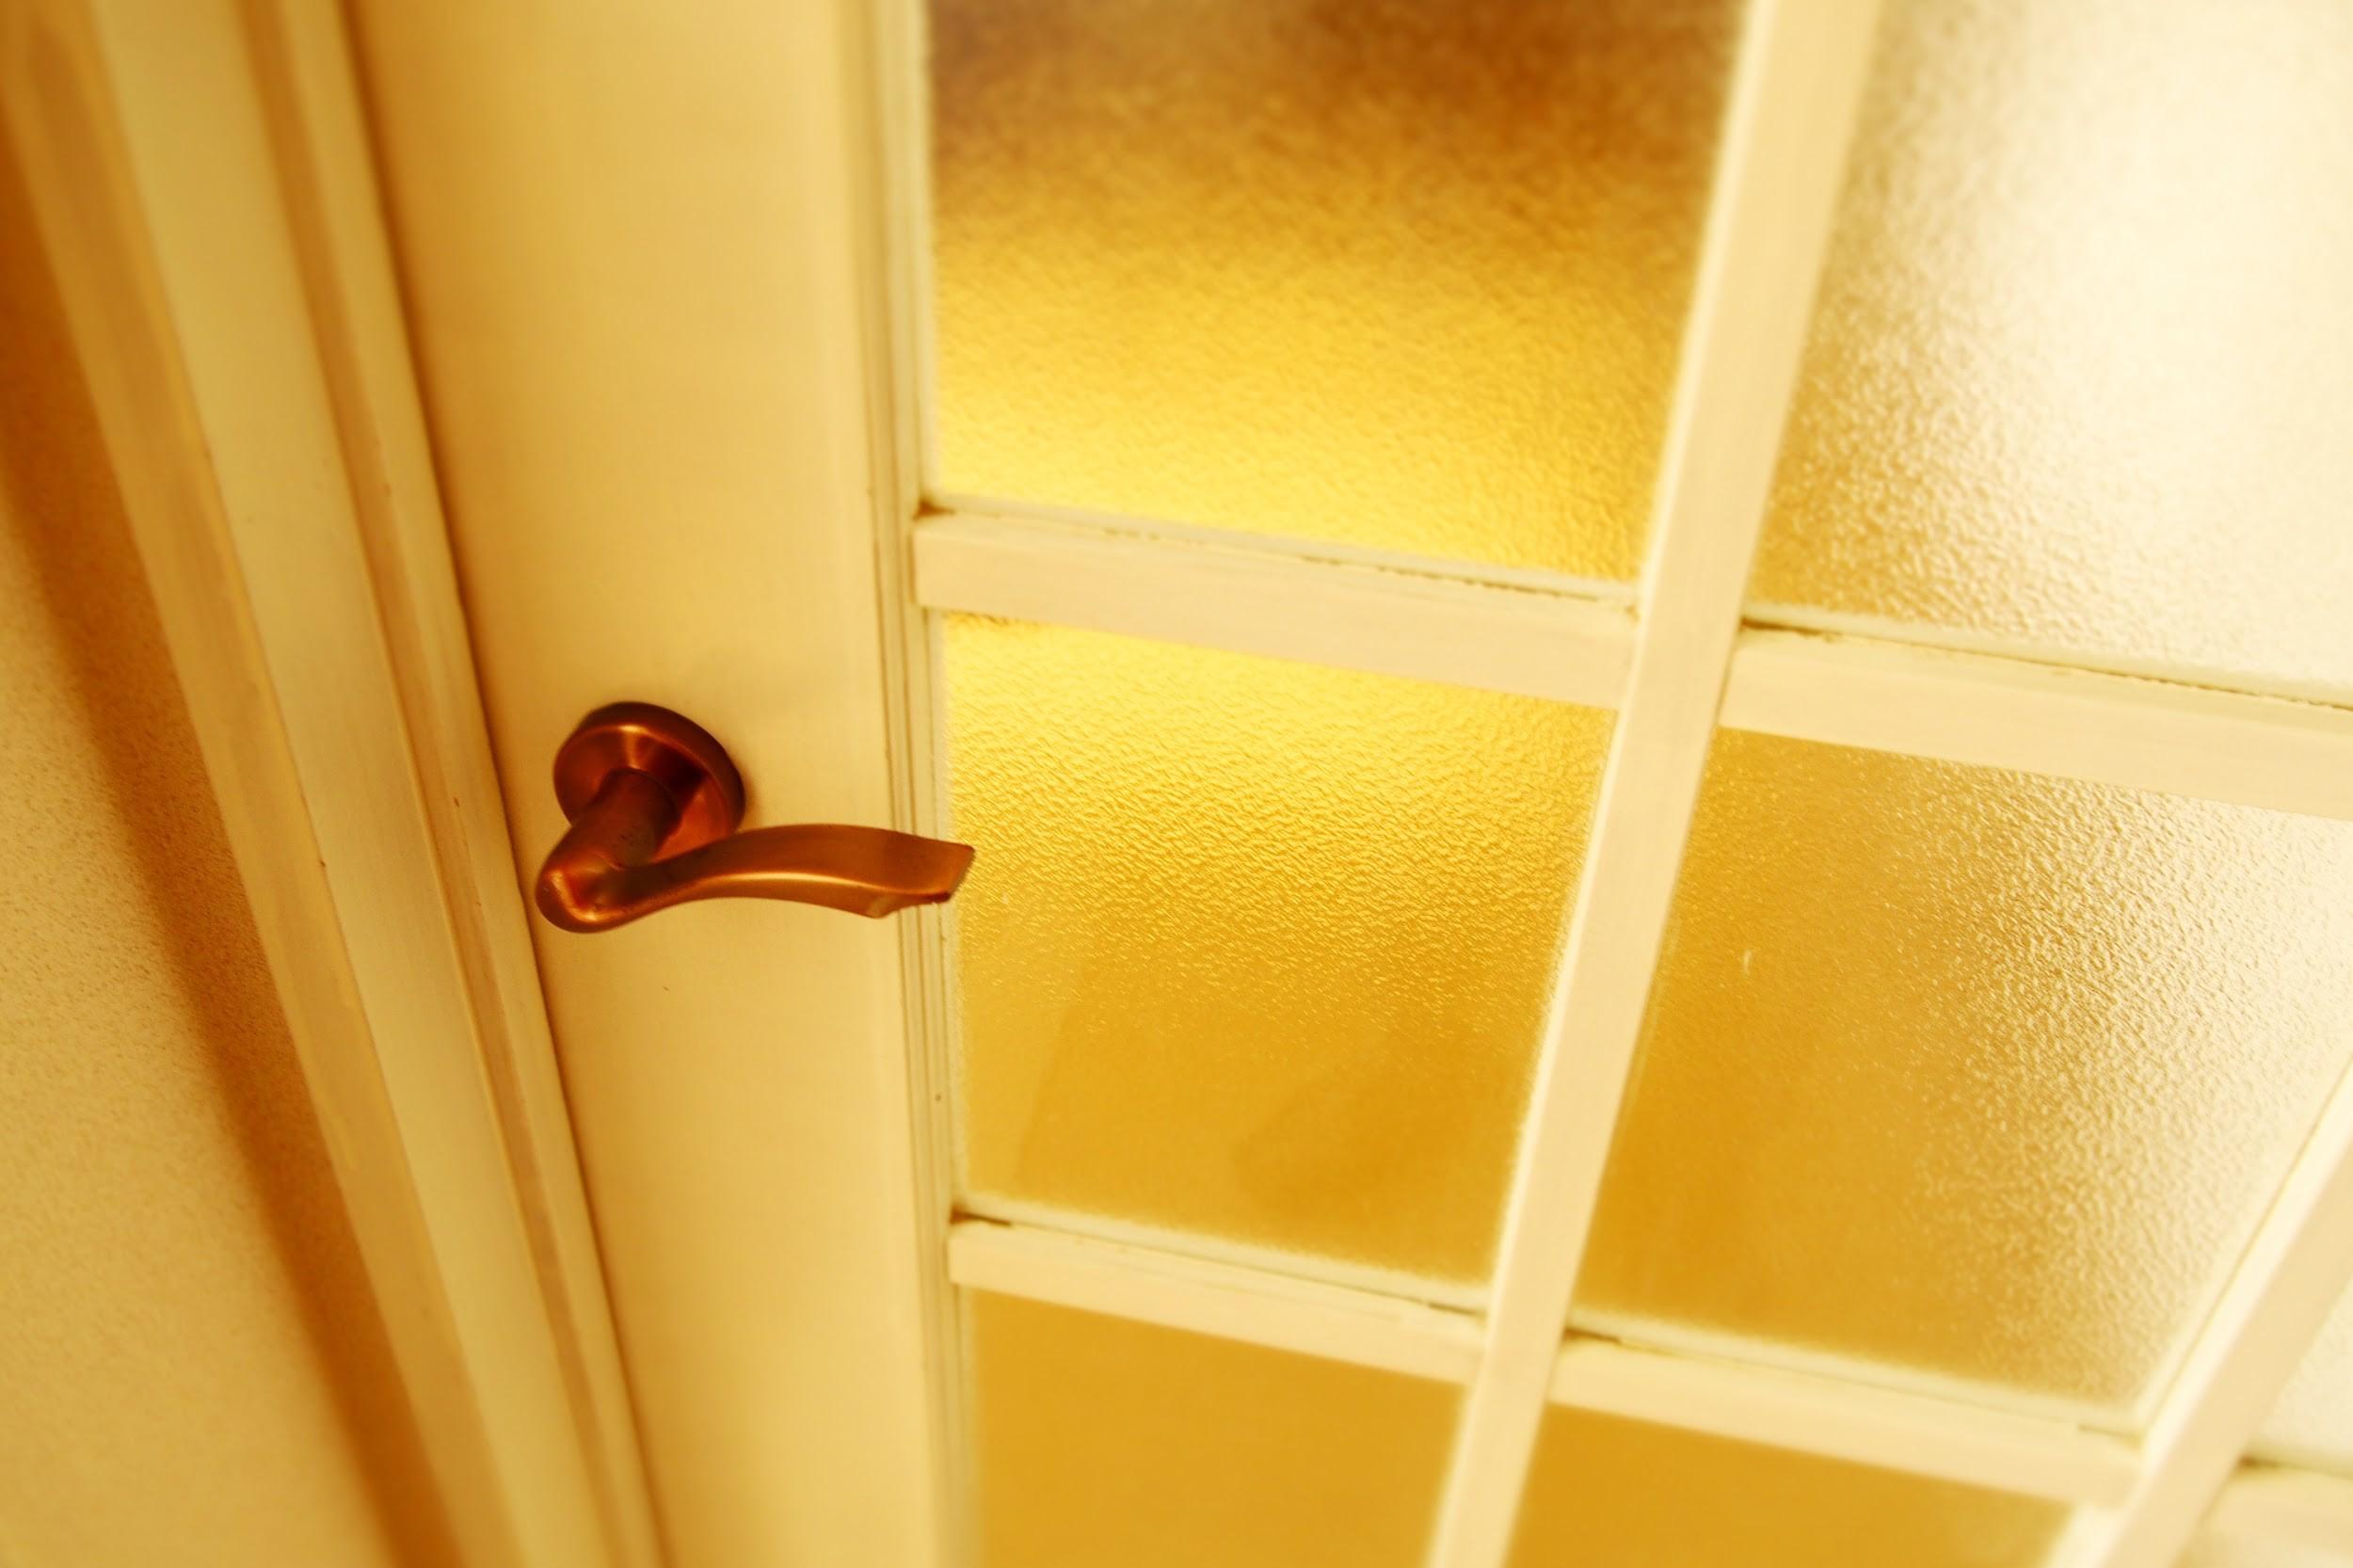 ドア枠の修理はDIY可能!室内と玄関の枠補修のやり方教えます!